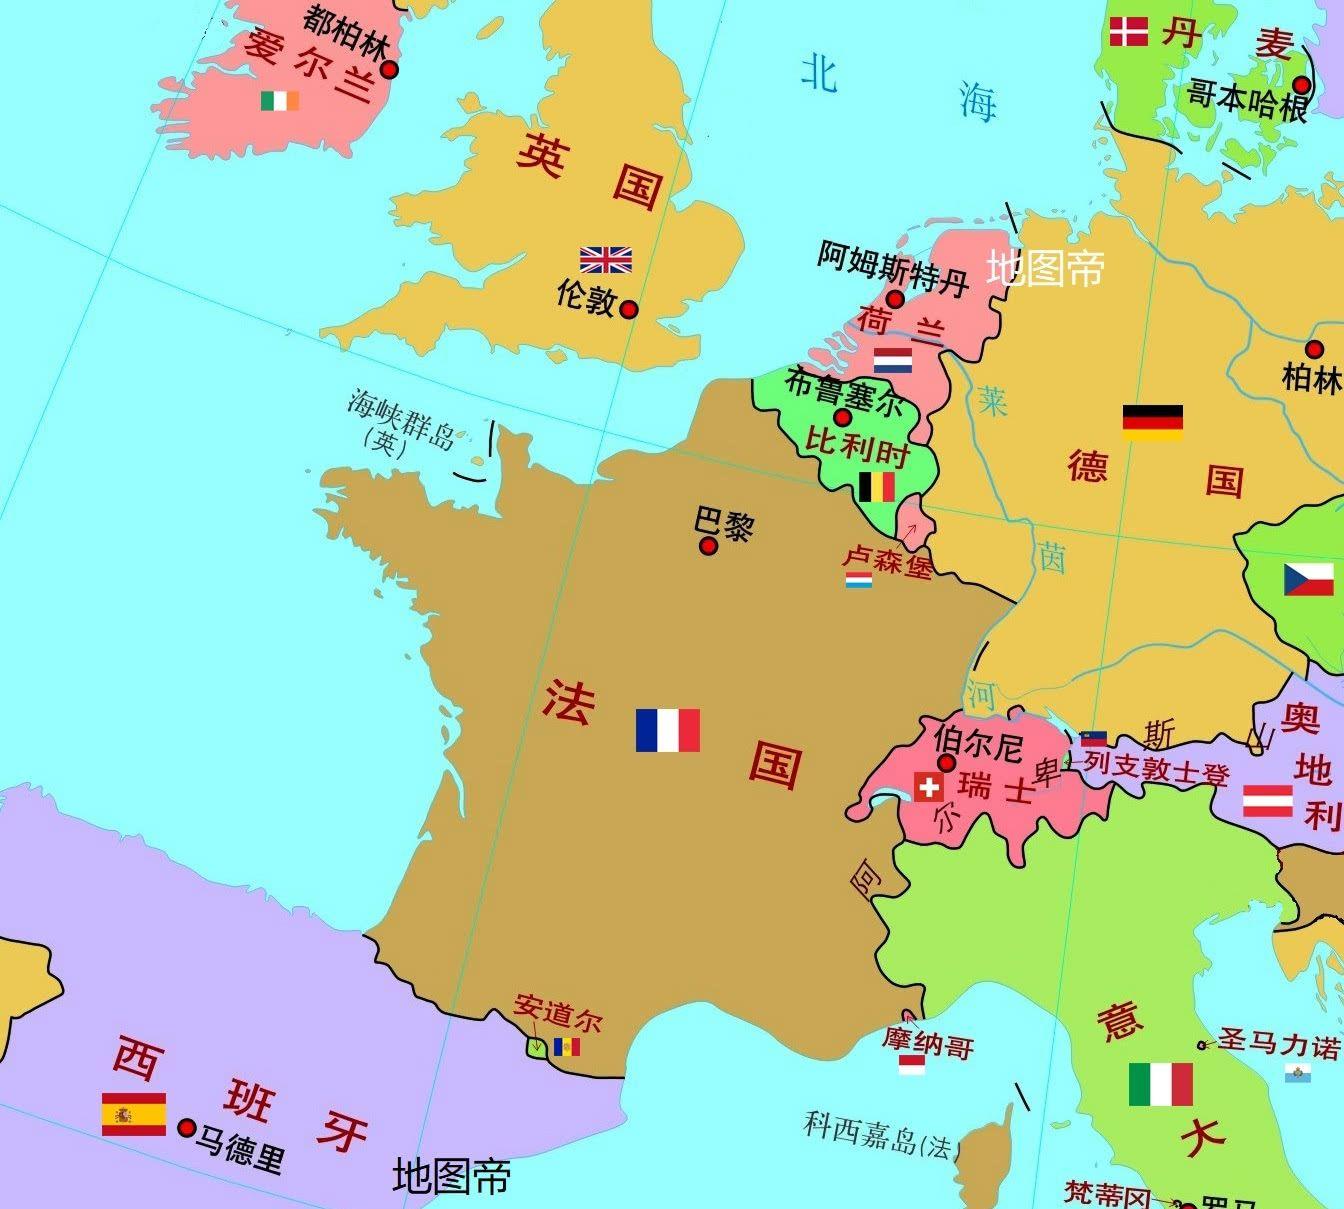 通过卫星地图看安道尔,袖珍国家之一,却需要邻国的保护?